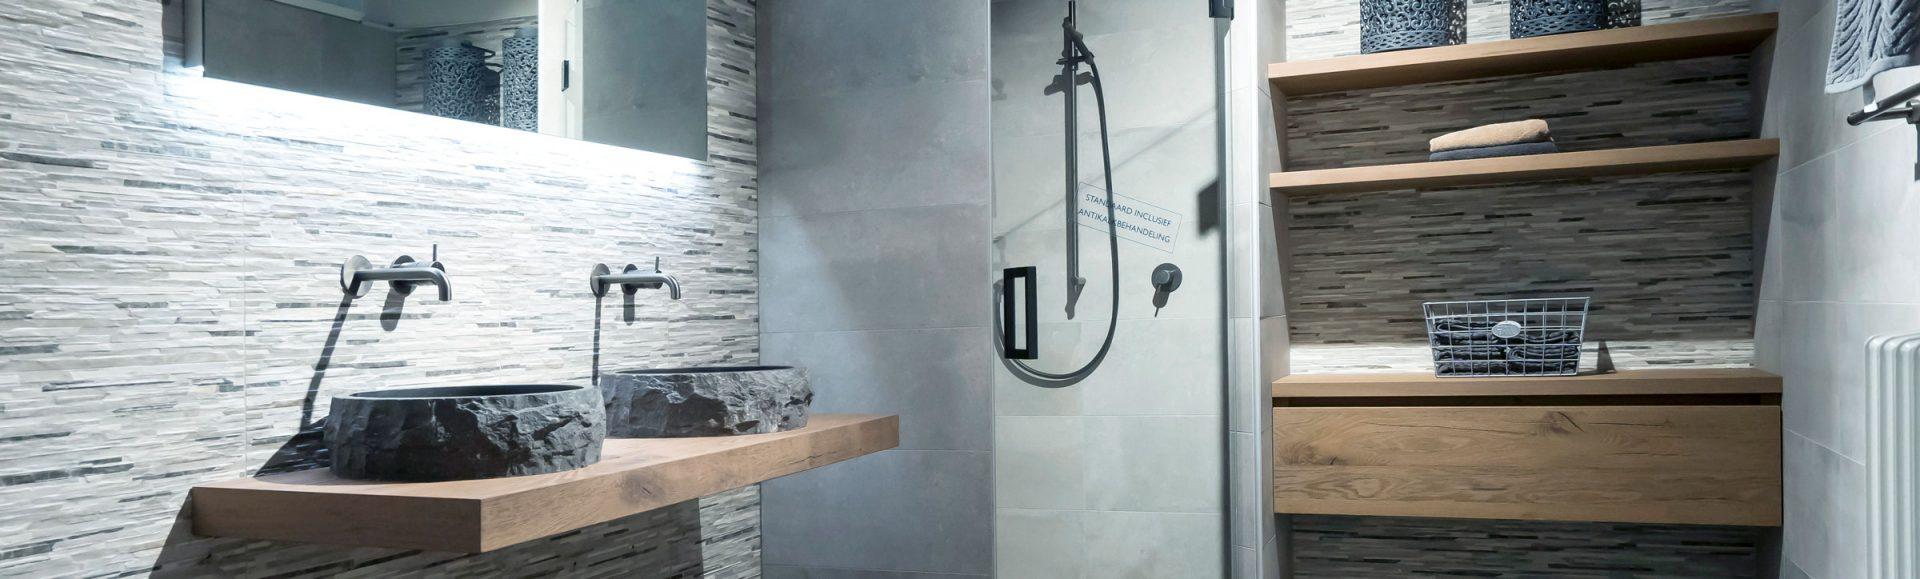 schuit-totaal-wonen-showroom-badkamers-21